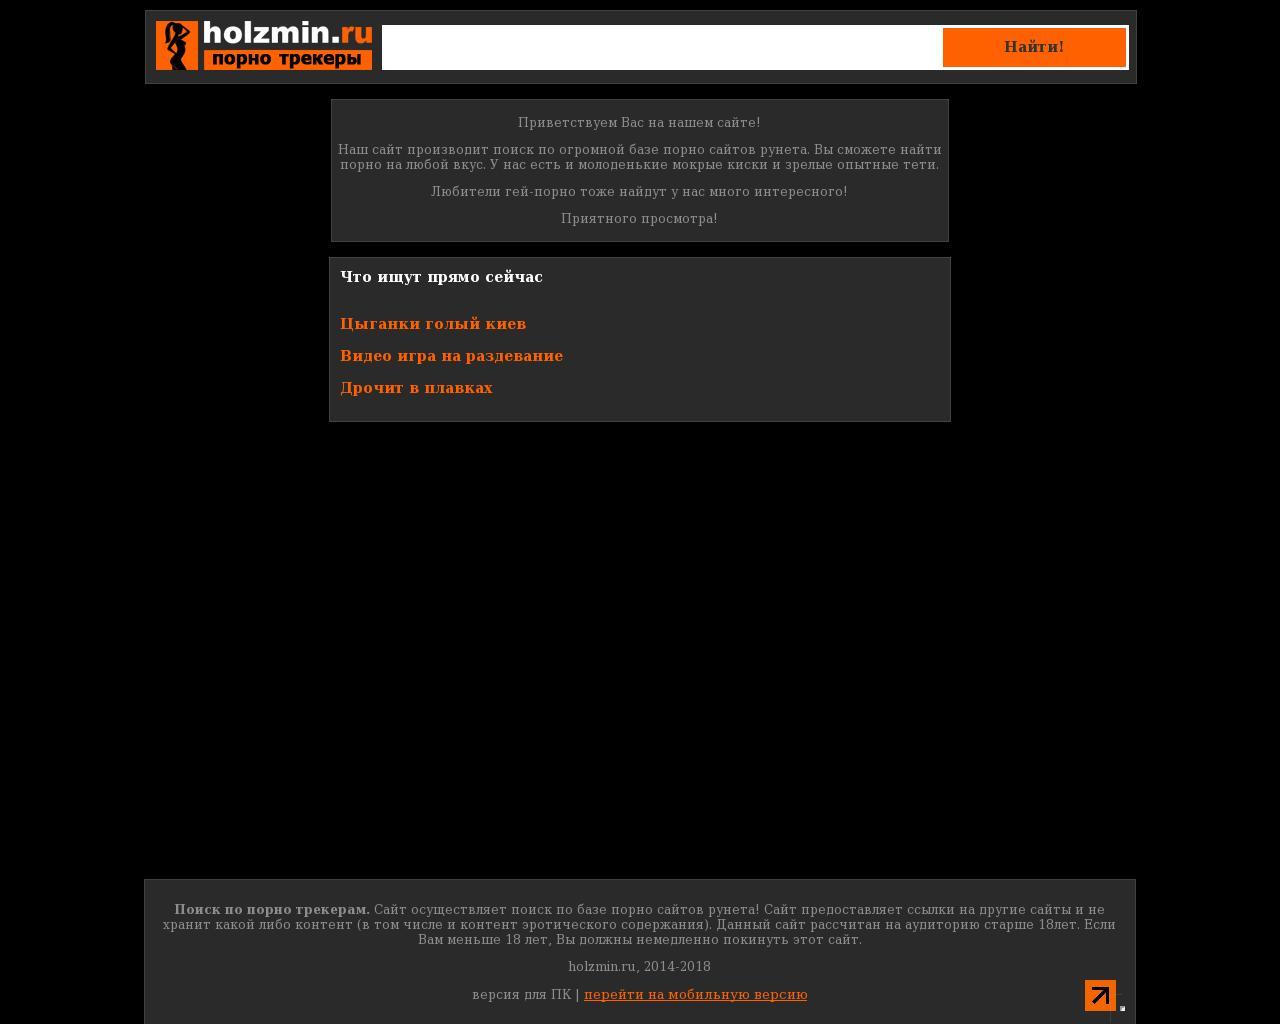 Ссылки для порно сайтов